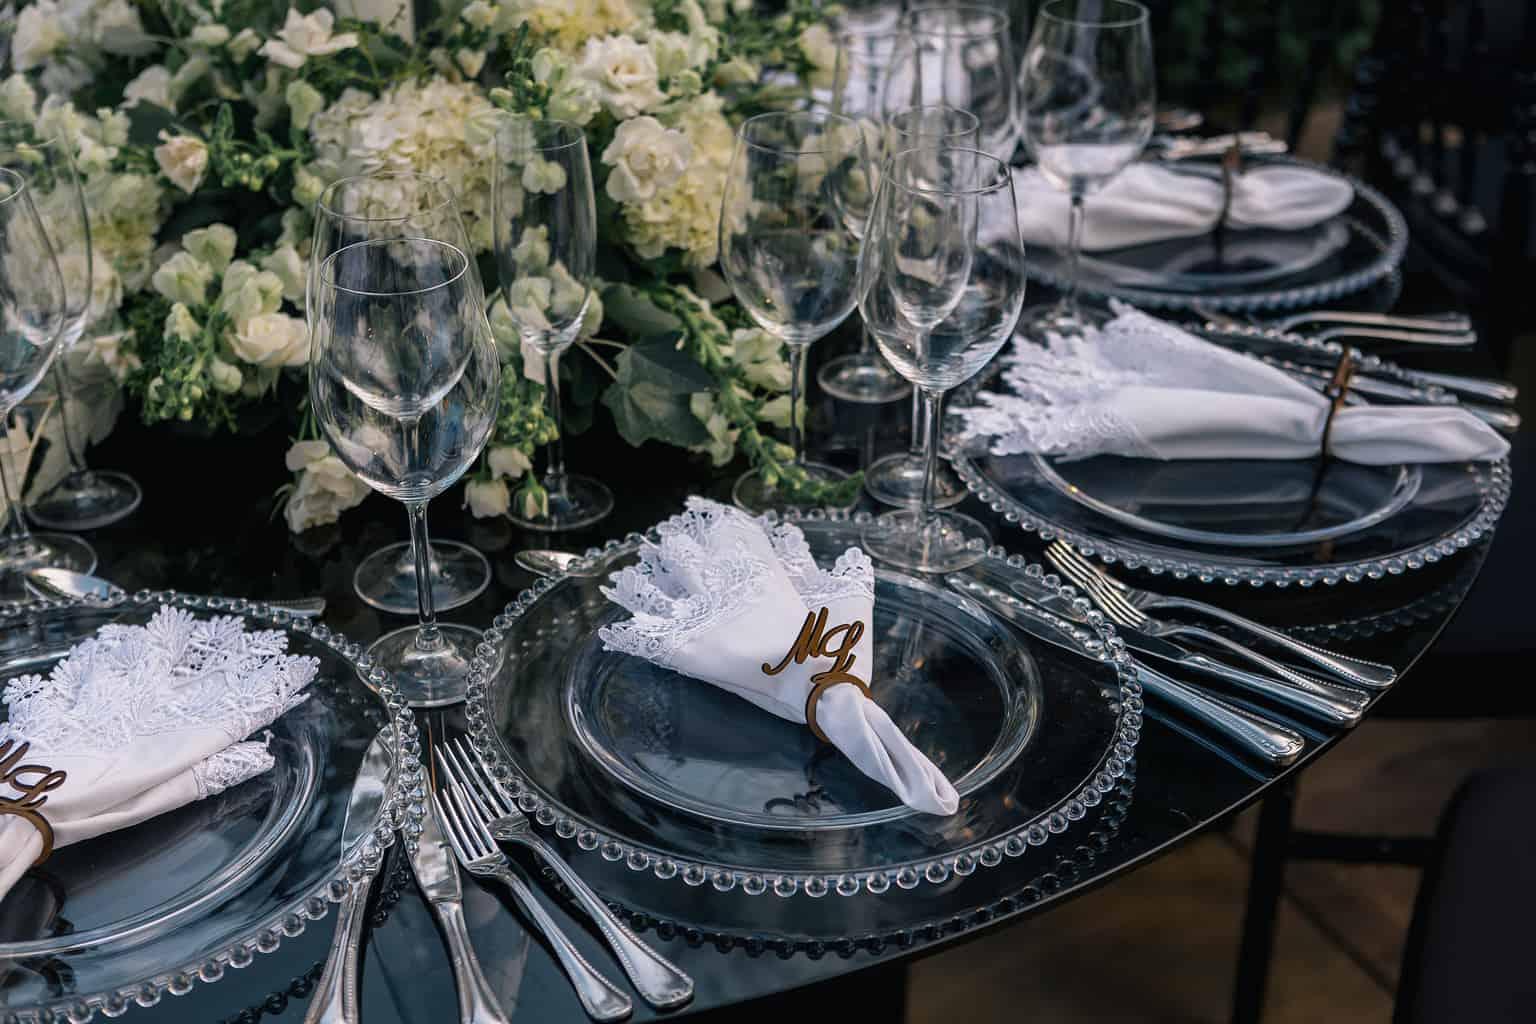 bolo-de-casamento-casamento-Marcela-e-Luciano-decoracao-da-festa2-2